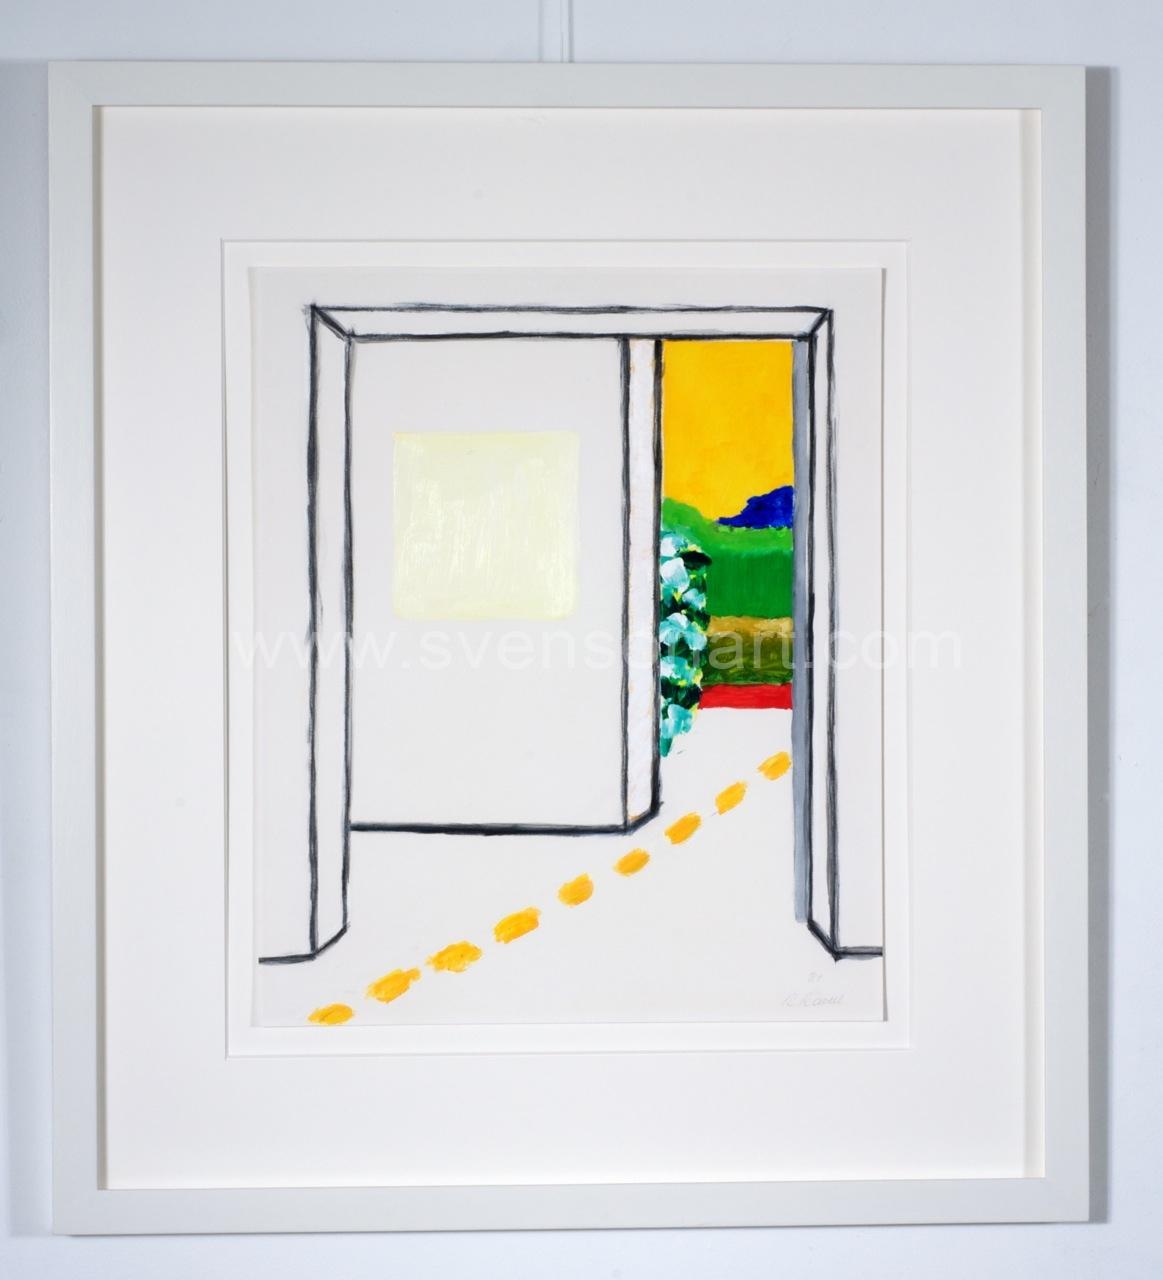 Raveel roger wit vierkant in een kamer met doorkijk svensonart - In een kamer ...